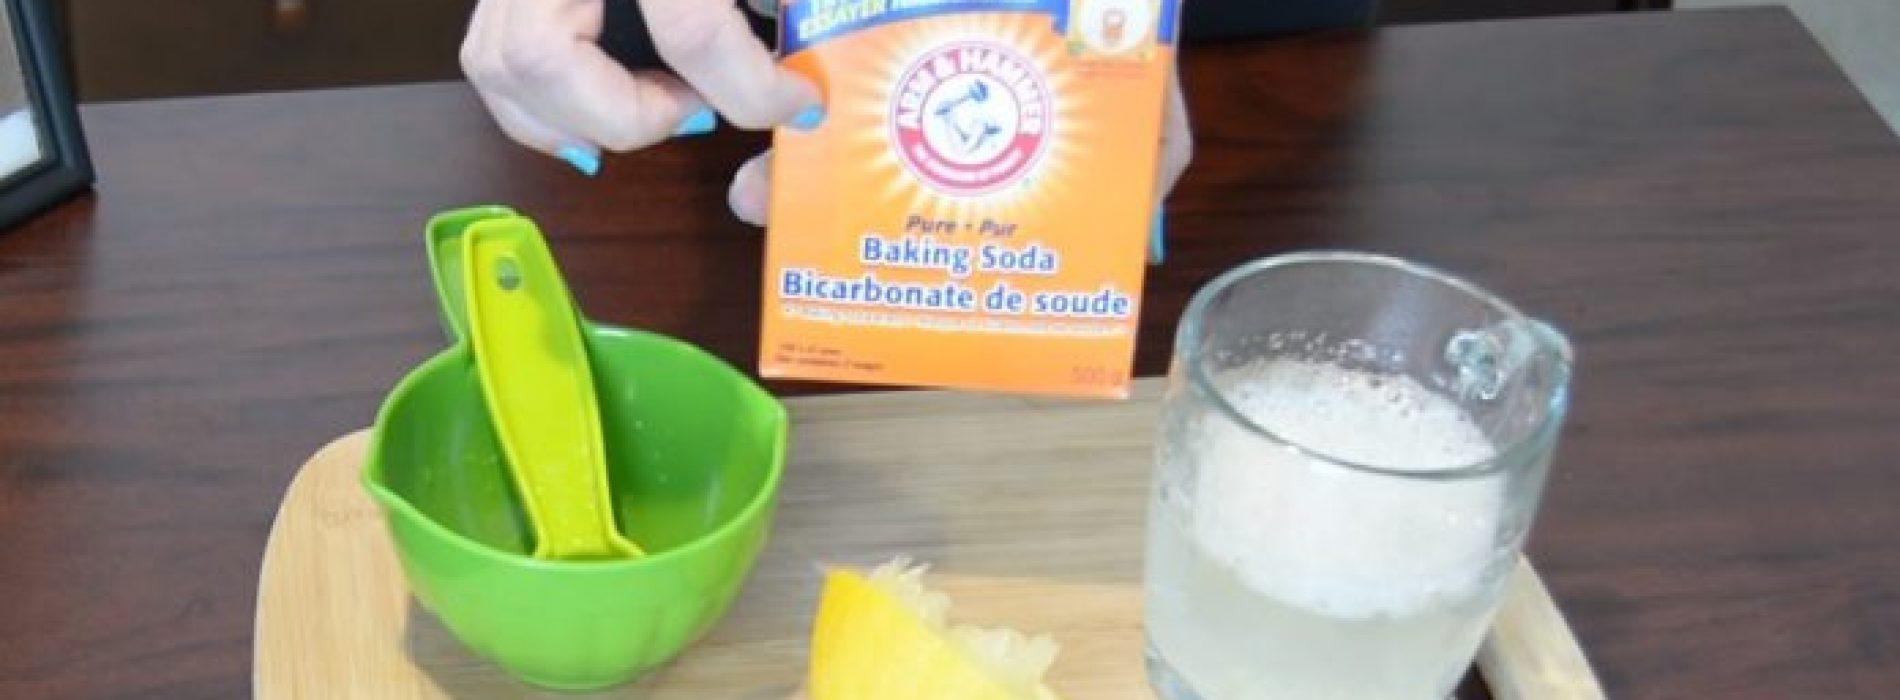 Waarom je baking soda met citroen moet gebruiken. Dit is ongelooflijk!